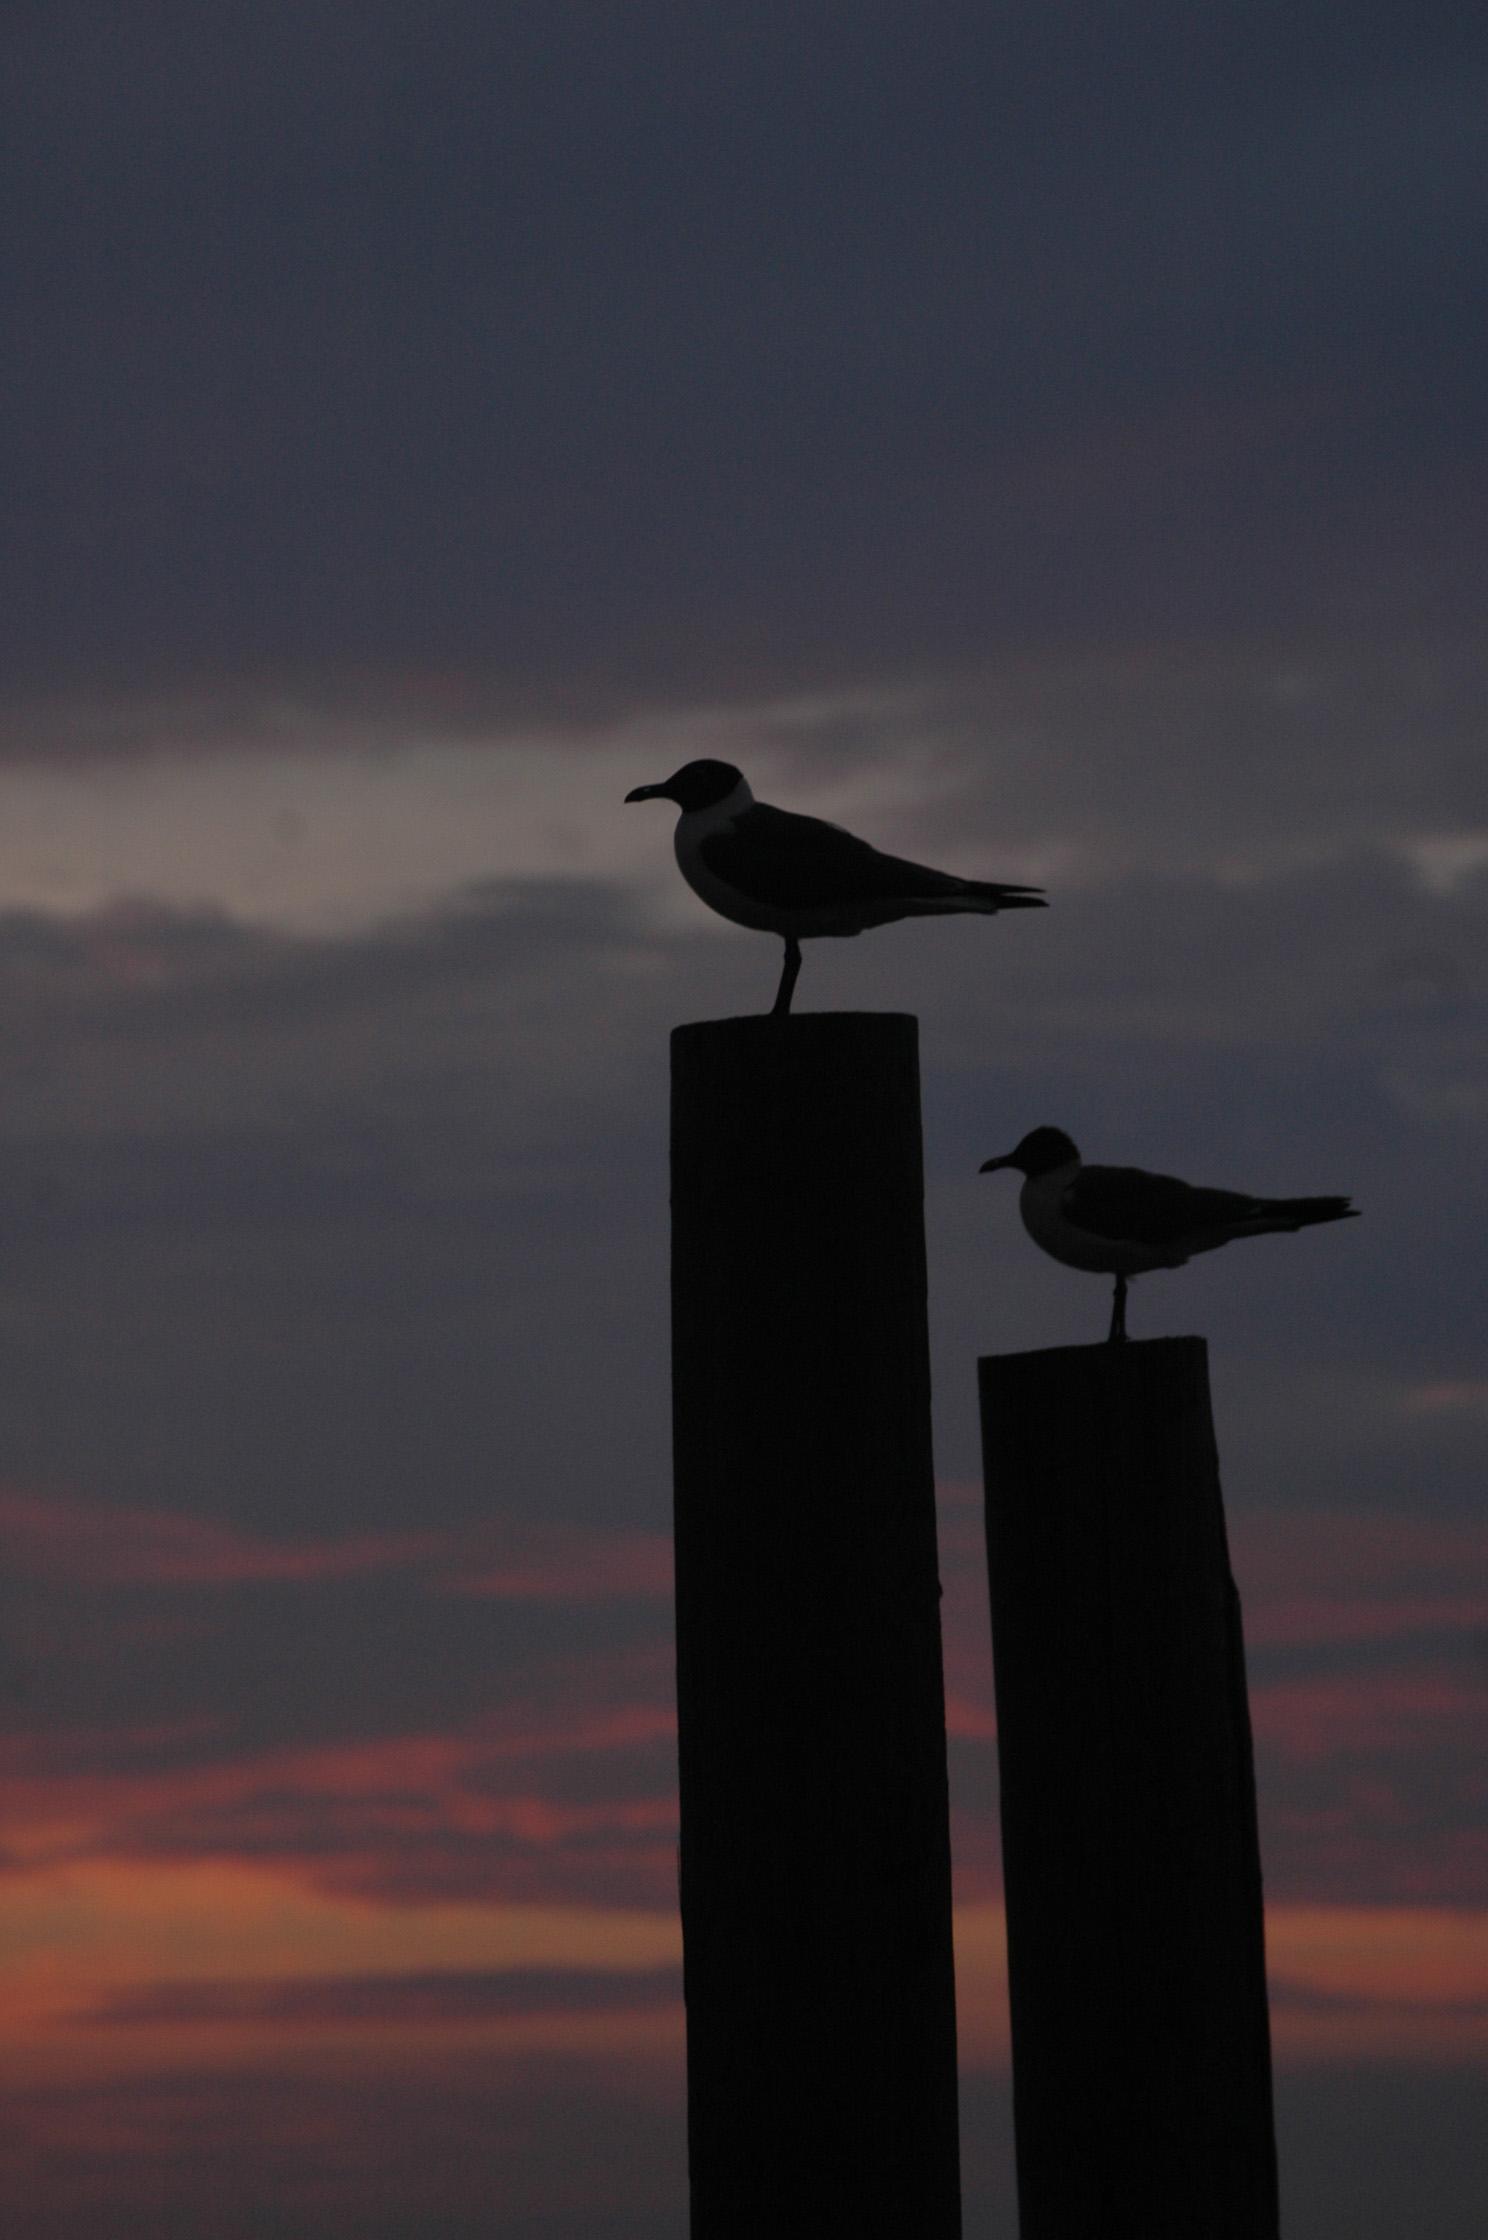 gulls at night